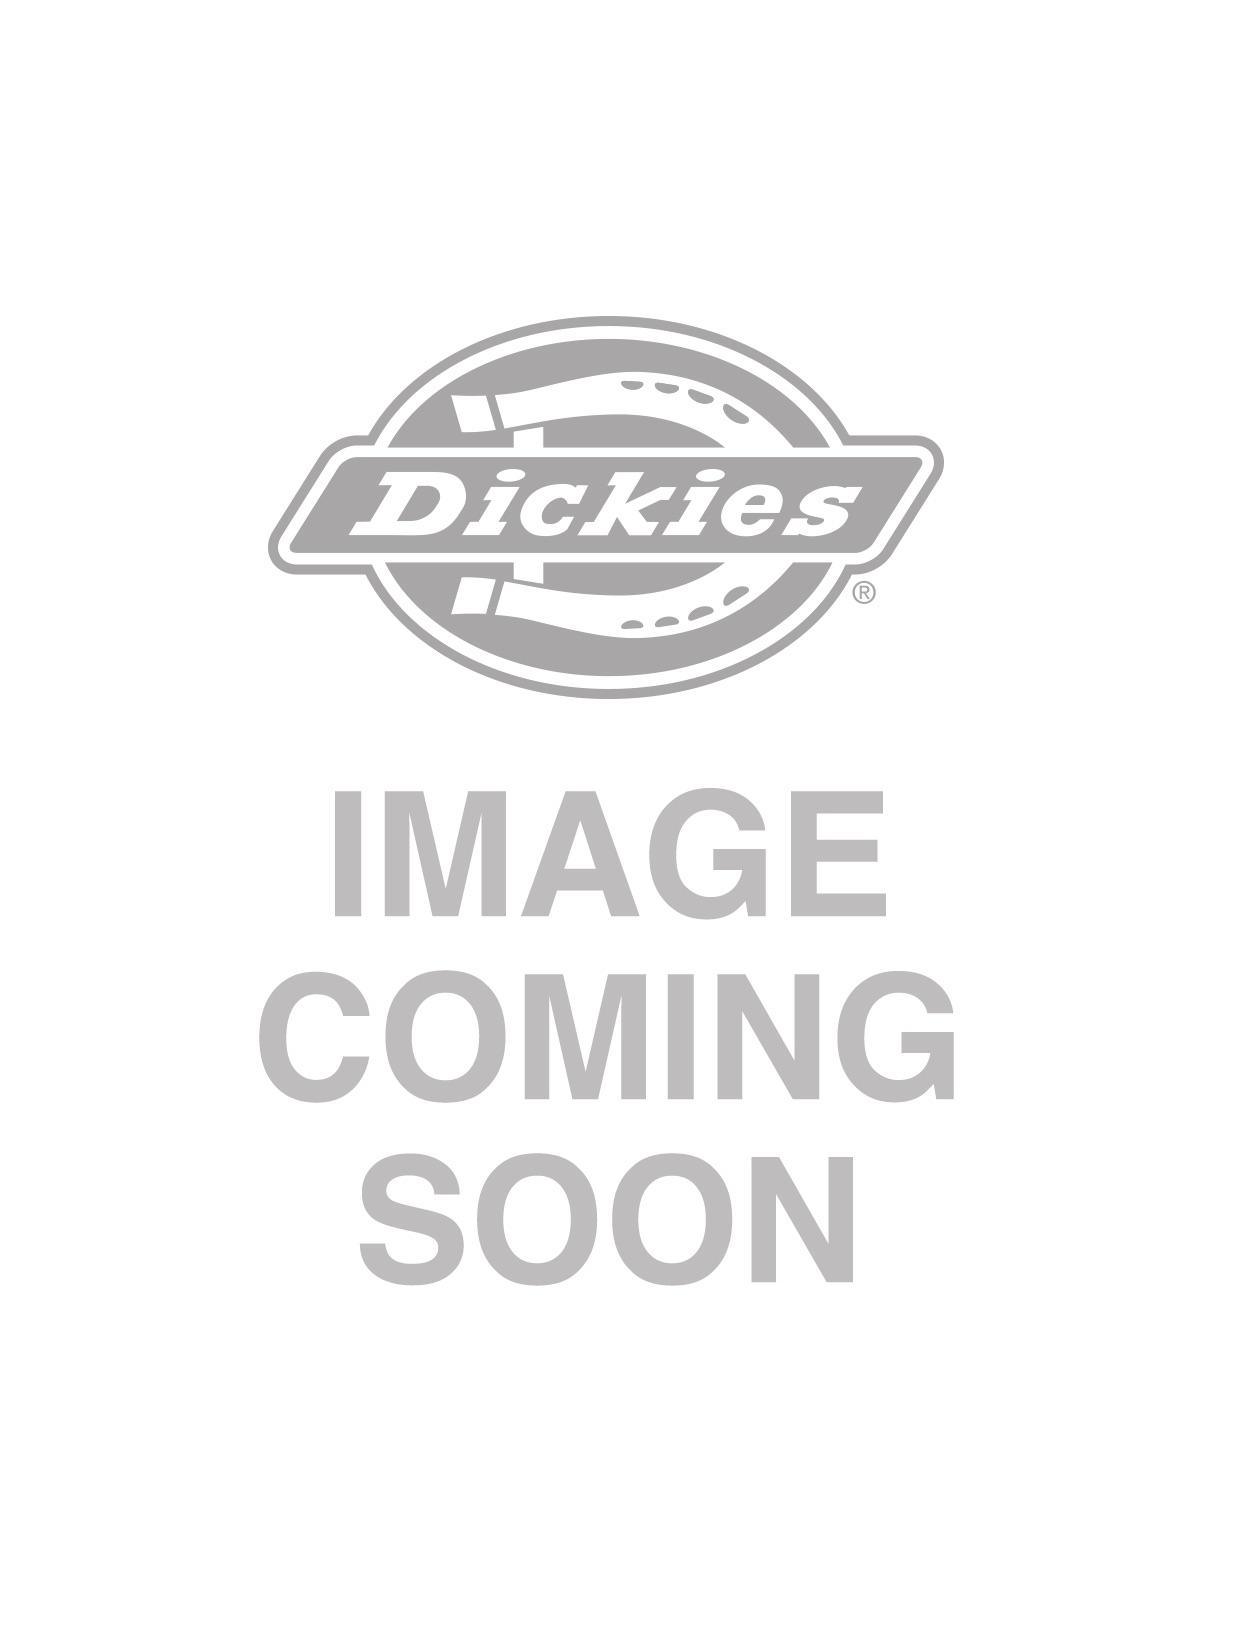 Dickies Warrensburg Hoody